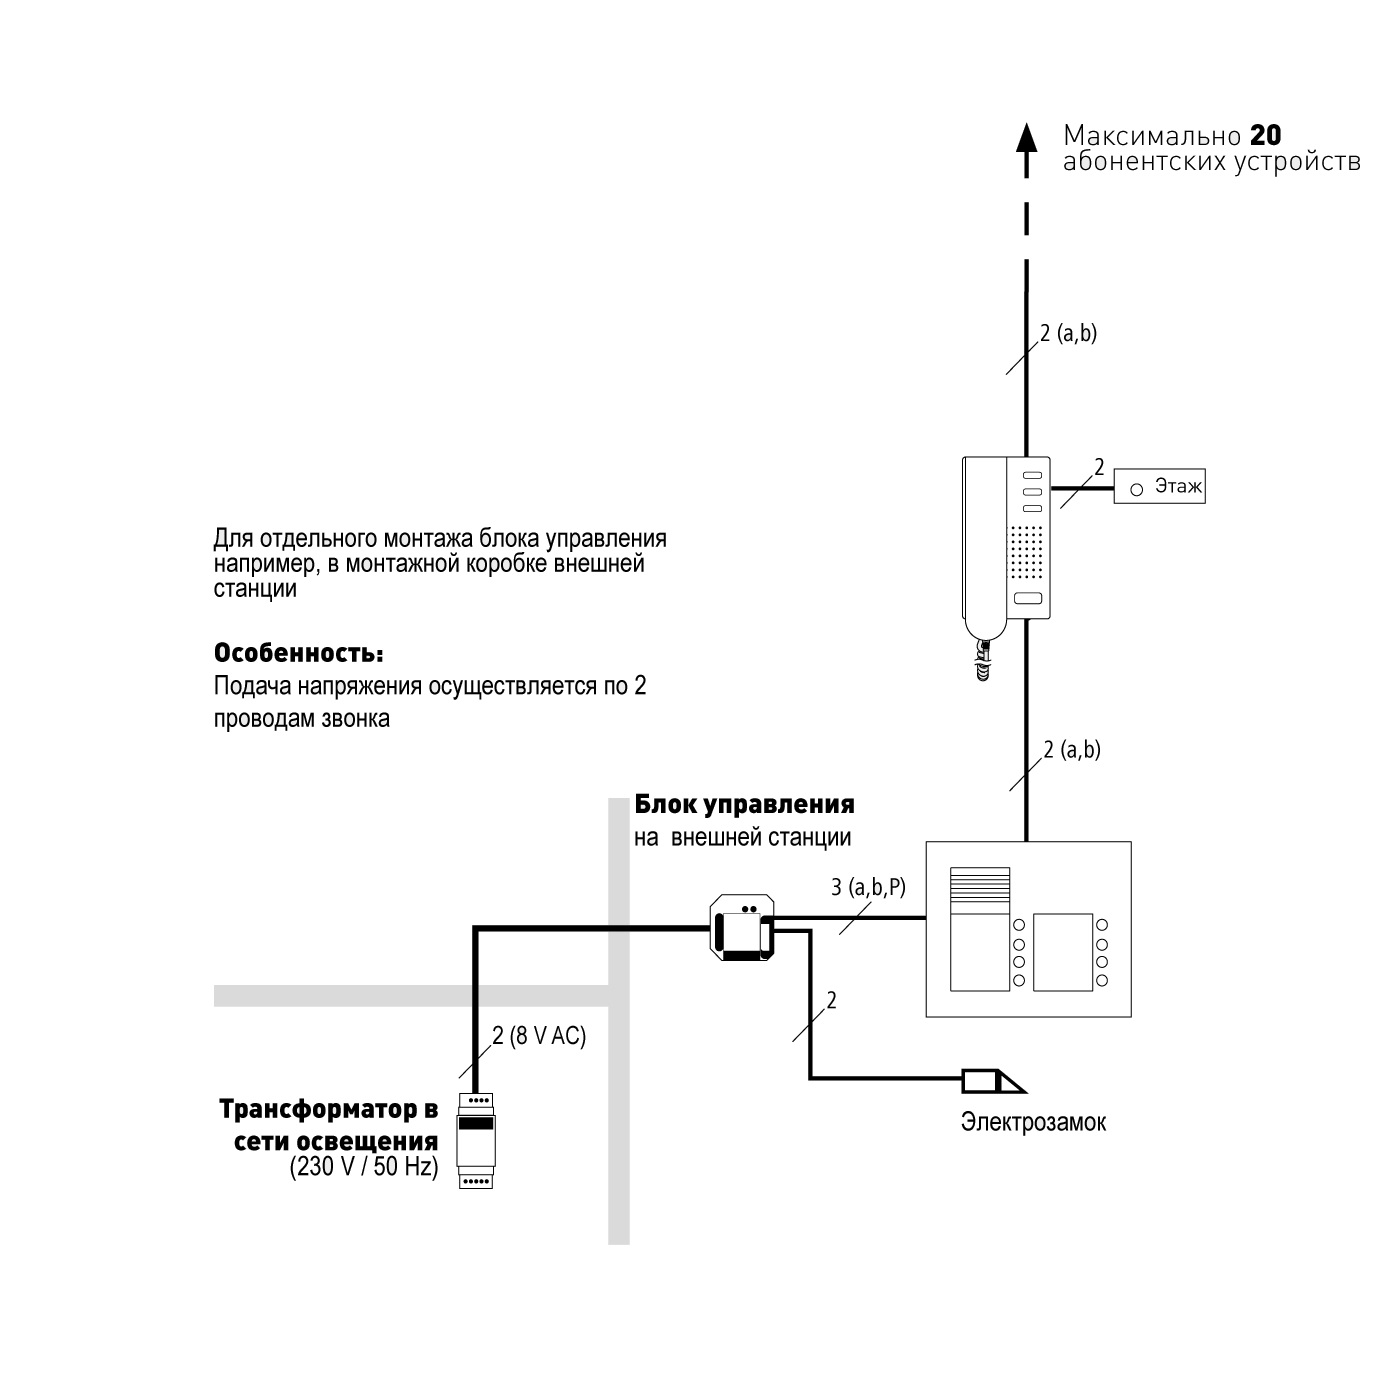 Схема подключения прибора от-2